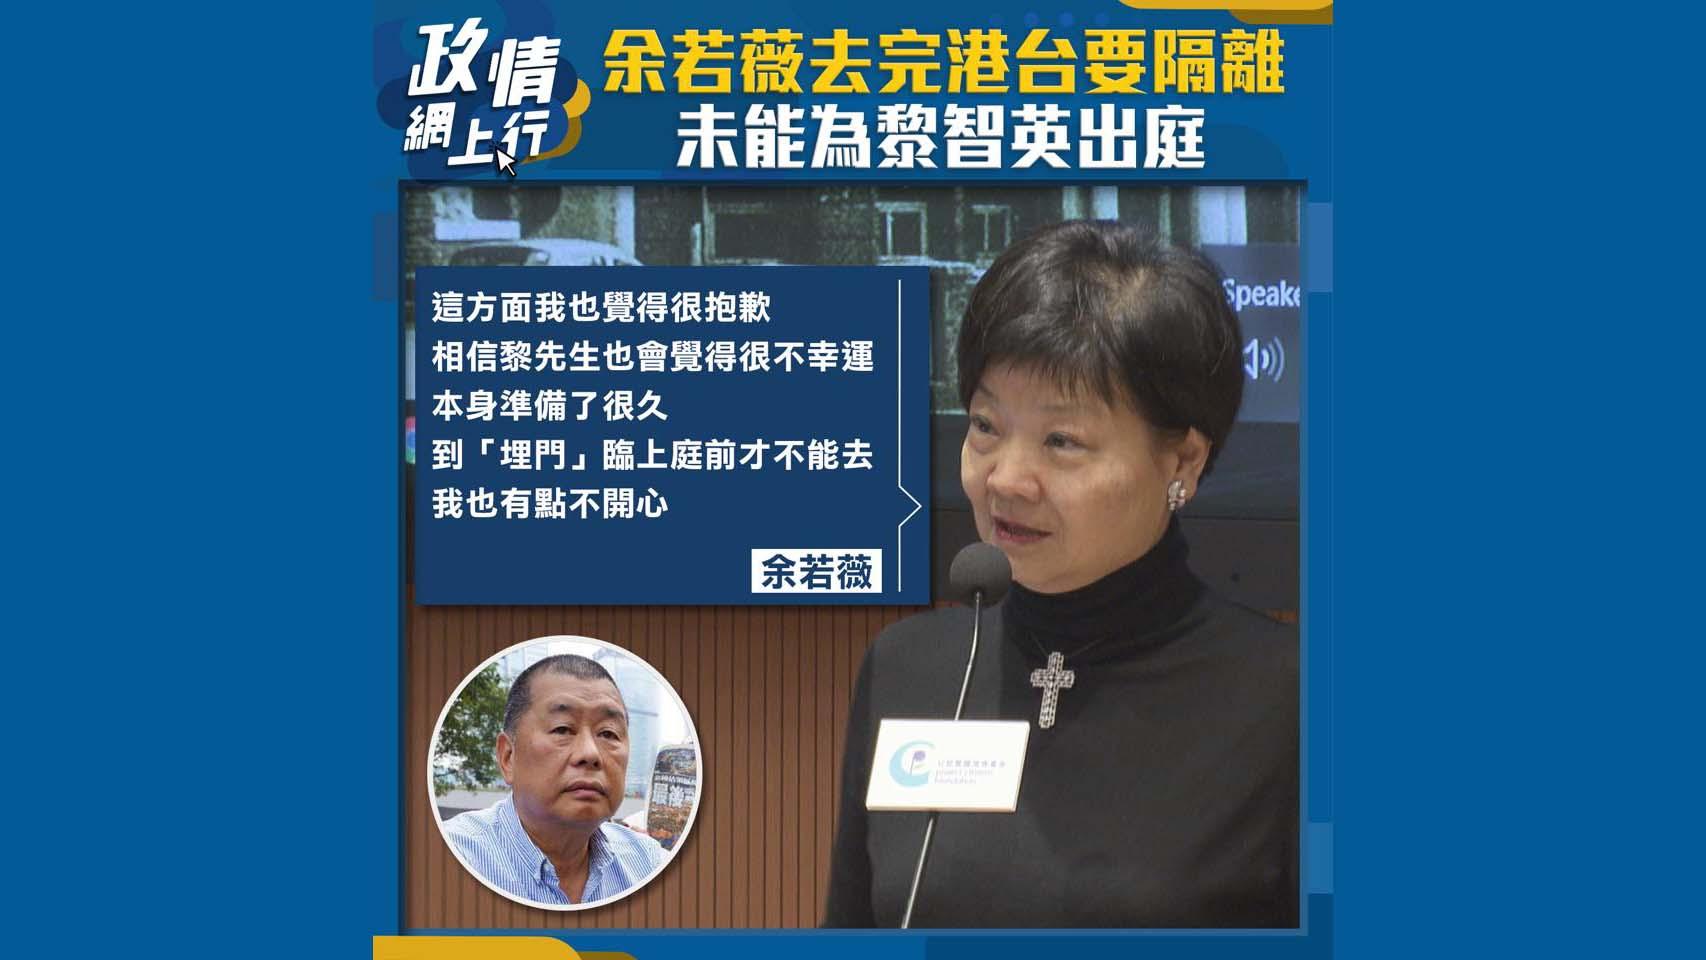 【政情網上行】余若薇去完港台要隔離 未能為黎智英出庭